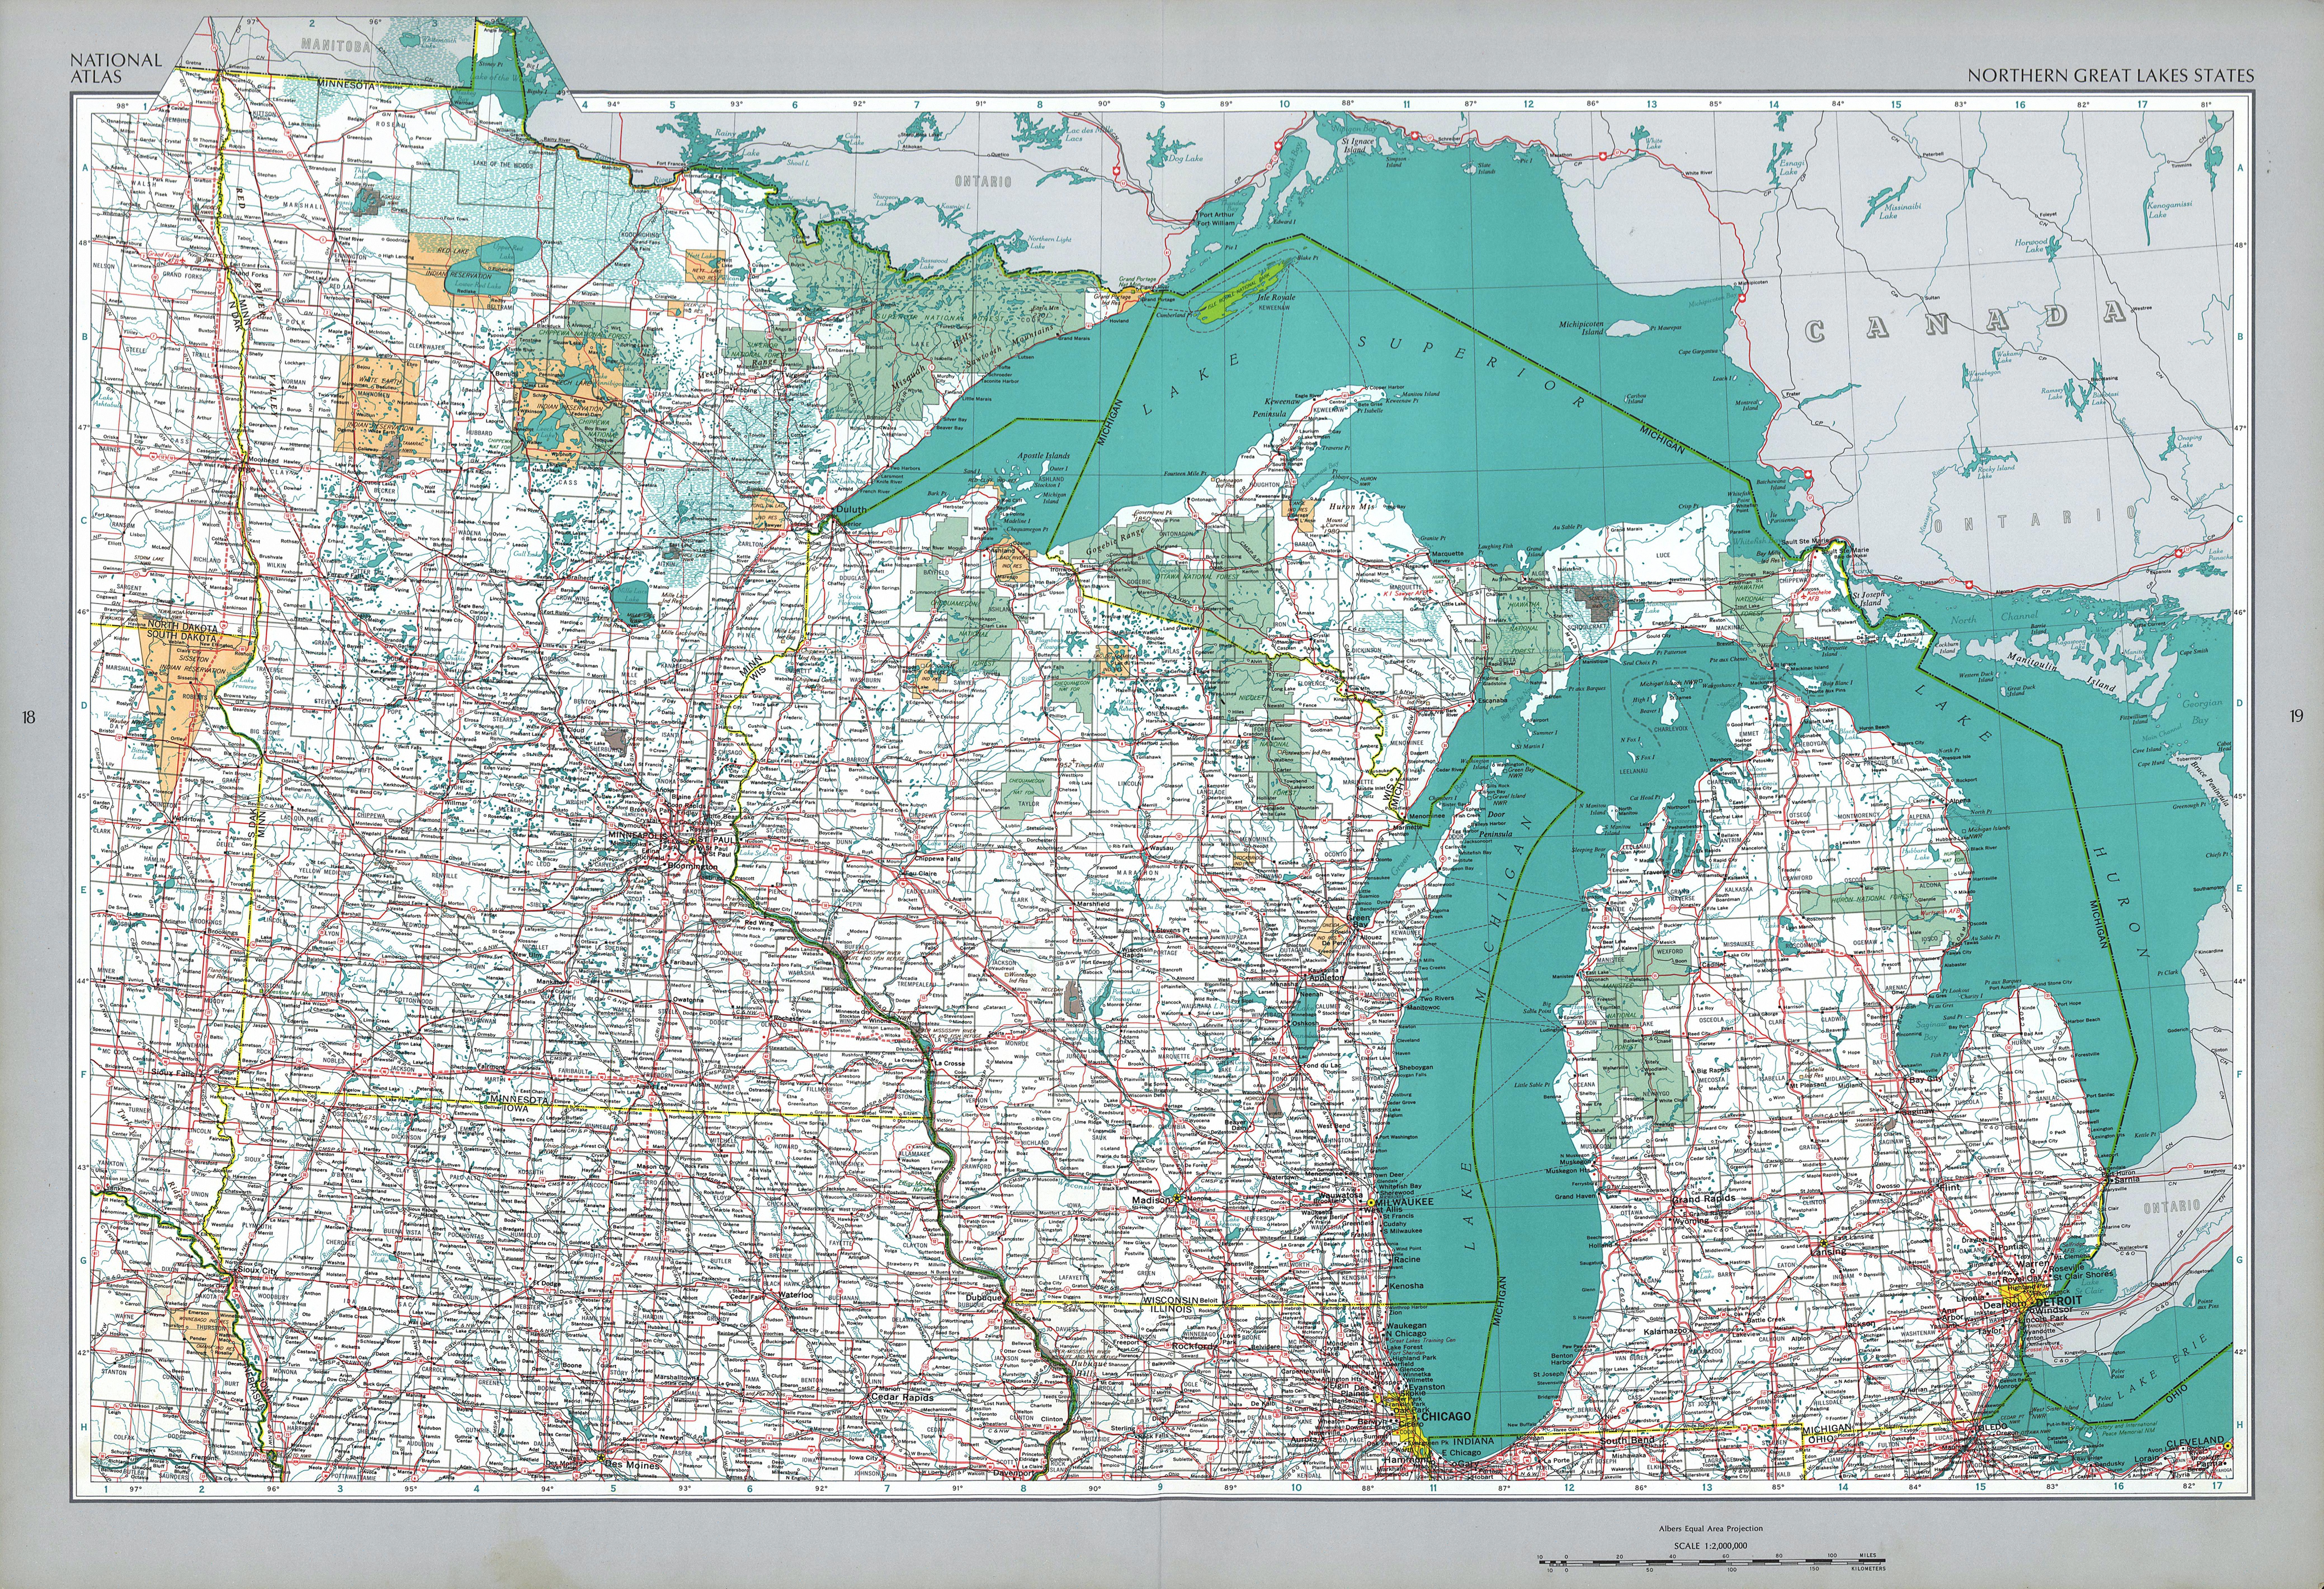 Mapa de los Estados Norteños de la Región de los Grandes Lagos, Estados Unidos